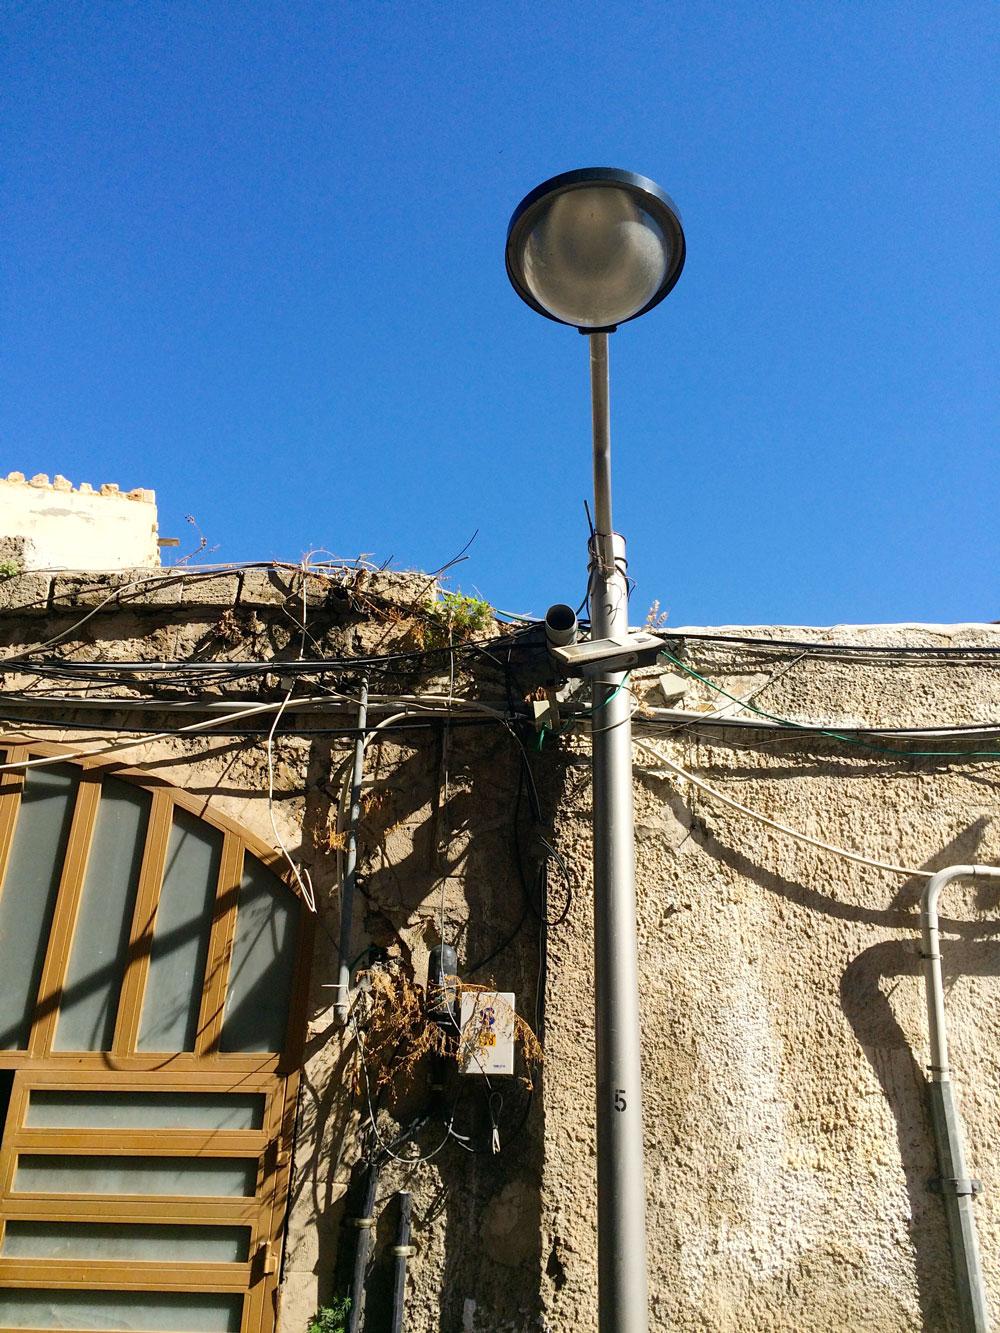 unvergessliche Reise durch Israel Altstadt von Tel Aviv ©looping-magazin